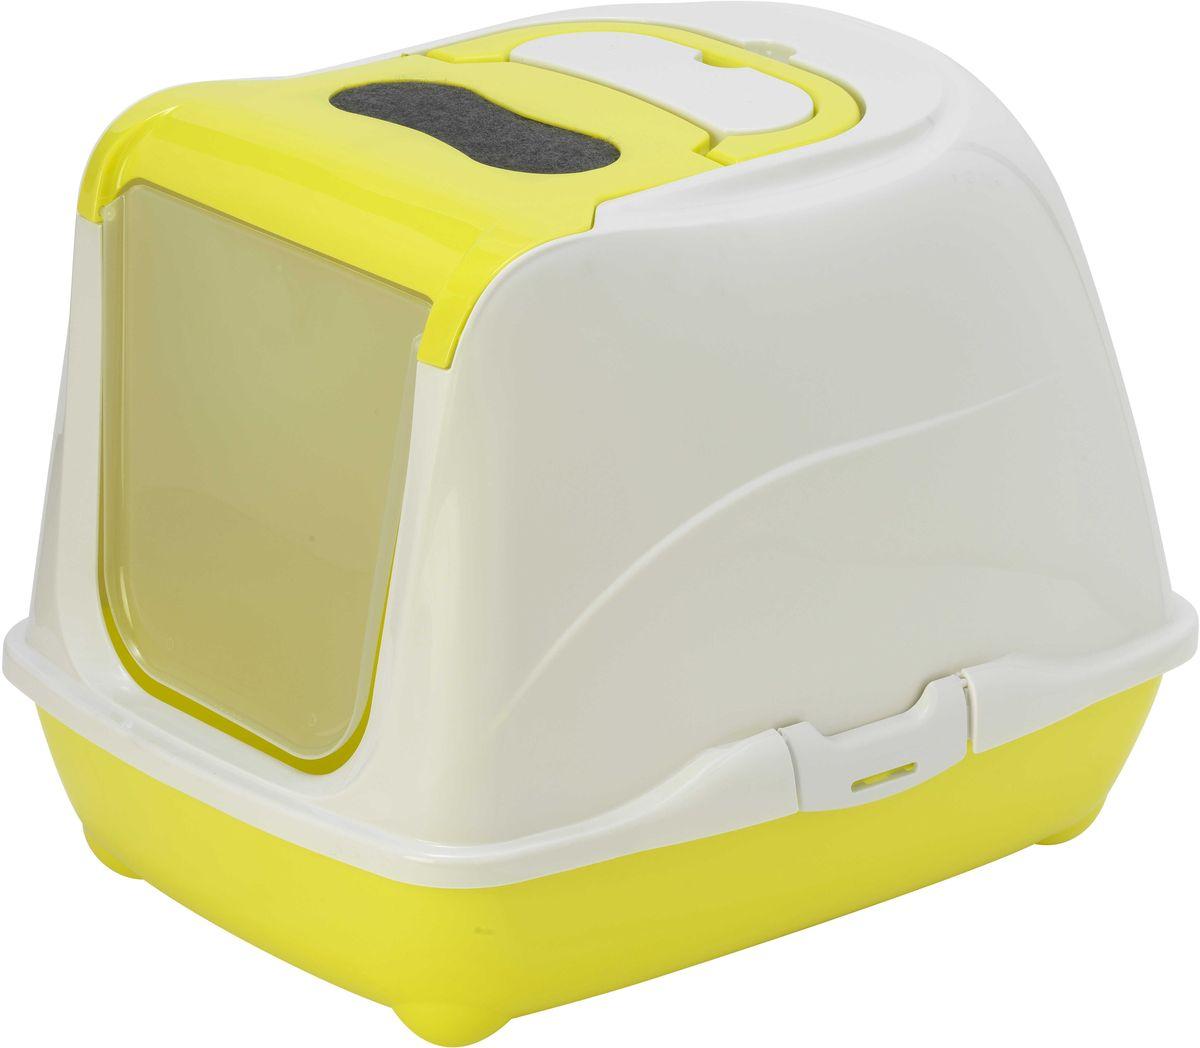 Туалет для кошек Moderna Flip Cat, закрытый, цвет: лимонный, 39 х 50 х 37 см14C230329Закрытый туалет для кошек Flip Cat выполнен из высококачественного пластика. Туалет оснащен прозрачной открывающейся дверцей, сменным фильтром и удобной ручкой для переноски. Такой туалет избавит ваш дом от неприятного запаха и разбросанных повсюду частичек наполнителя. Кошка в таком туалете будет чувствовать себя увереннее, ведь в этом укромном уголке ее никто не увидит. Кроме того, яркий дизайн с легкостью впишется в интерьер вашего дома. Туалет легко открывается для чистки благодаря практичным защелкам по бокам.